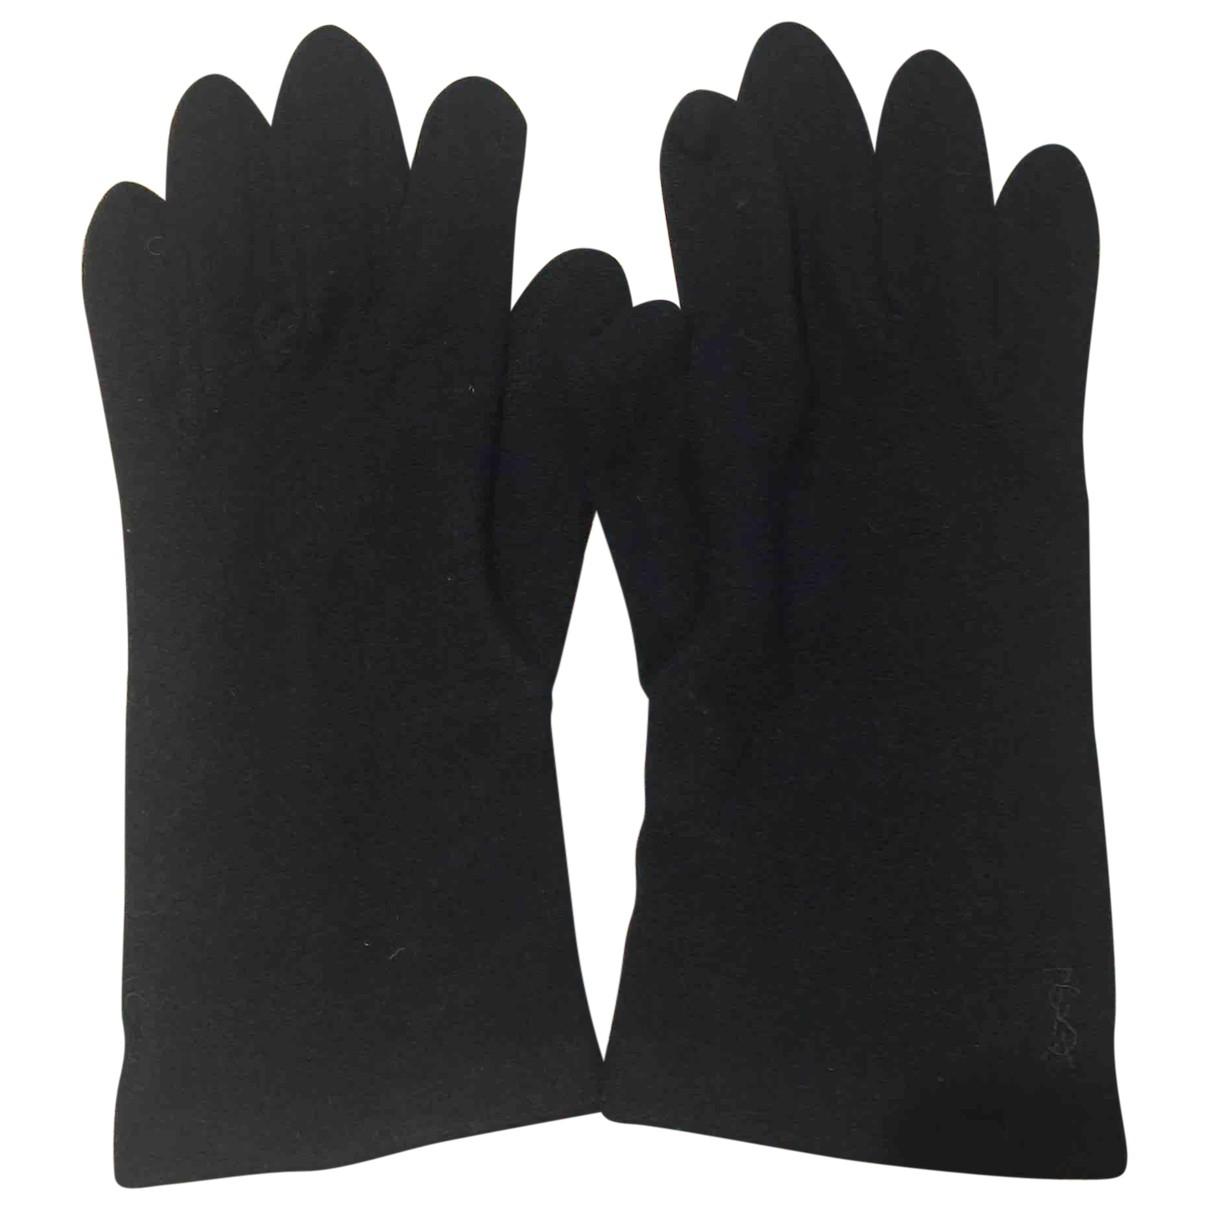 Yves Saint Laurent \N Black Cashmere Gloves for Women M International